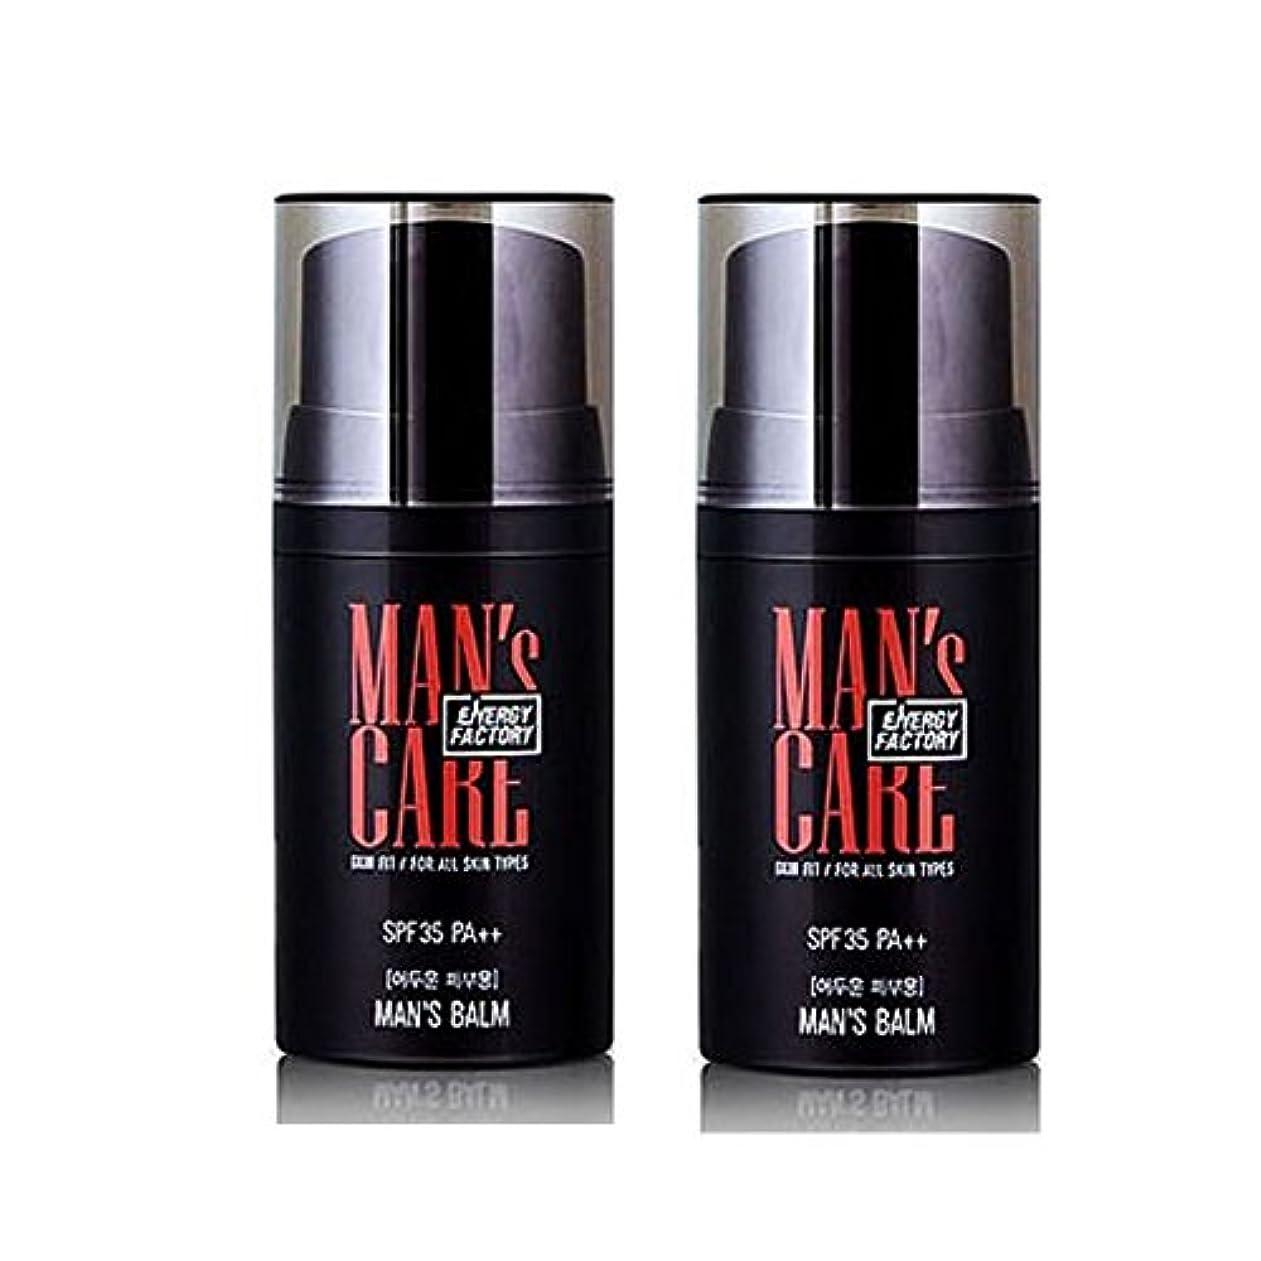 疫病脅かす満足メンズケアエネルギーファクトリースキンフィット?マンズ?Balm 50ml x 2本セット(明るい肌用、暗い肌用) メンズコスメ、Man's Care Energy Factory Skin Fit Man's Balm...